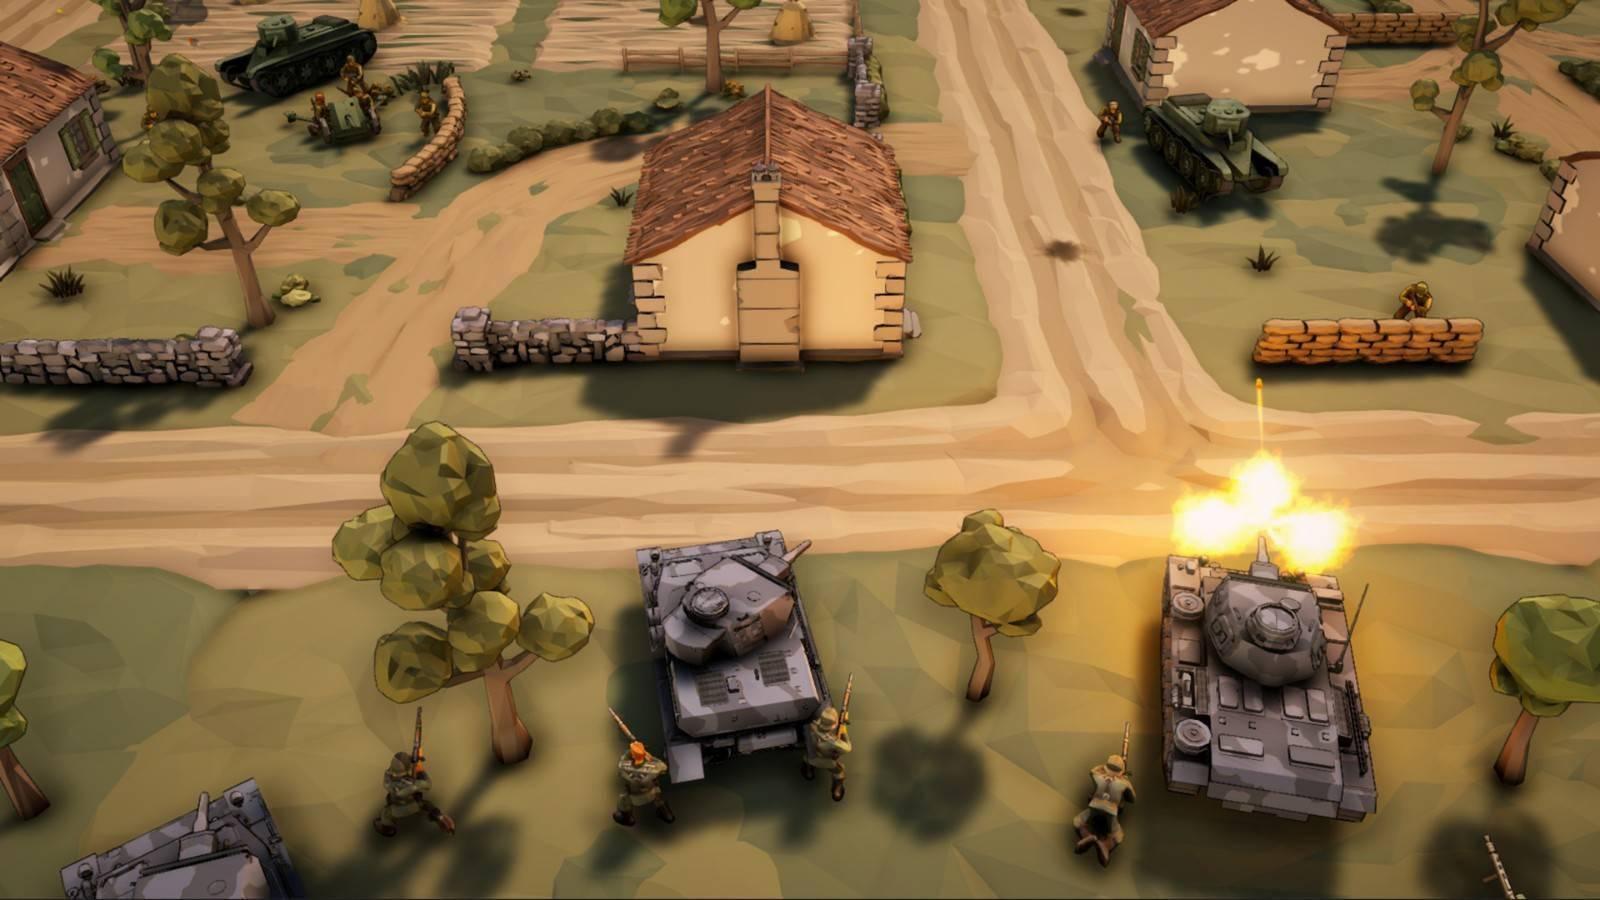 策略射击游戏《卫国战争》现已上架Steam商城